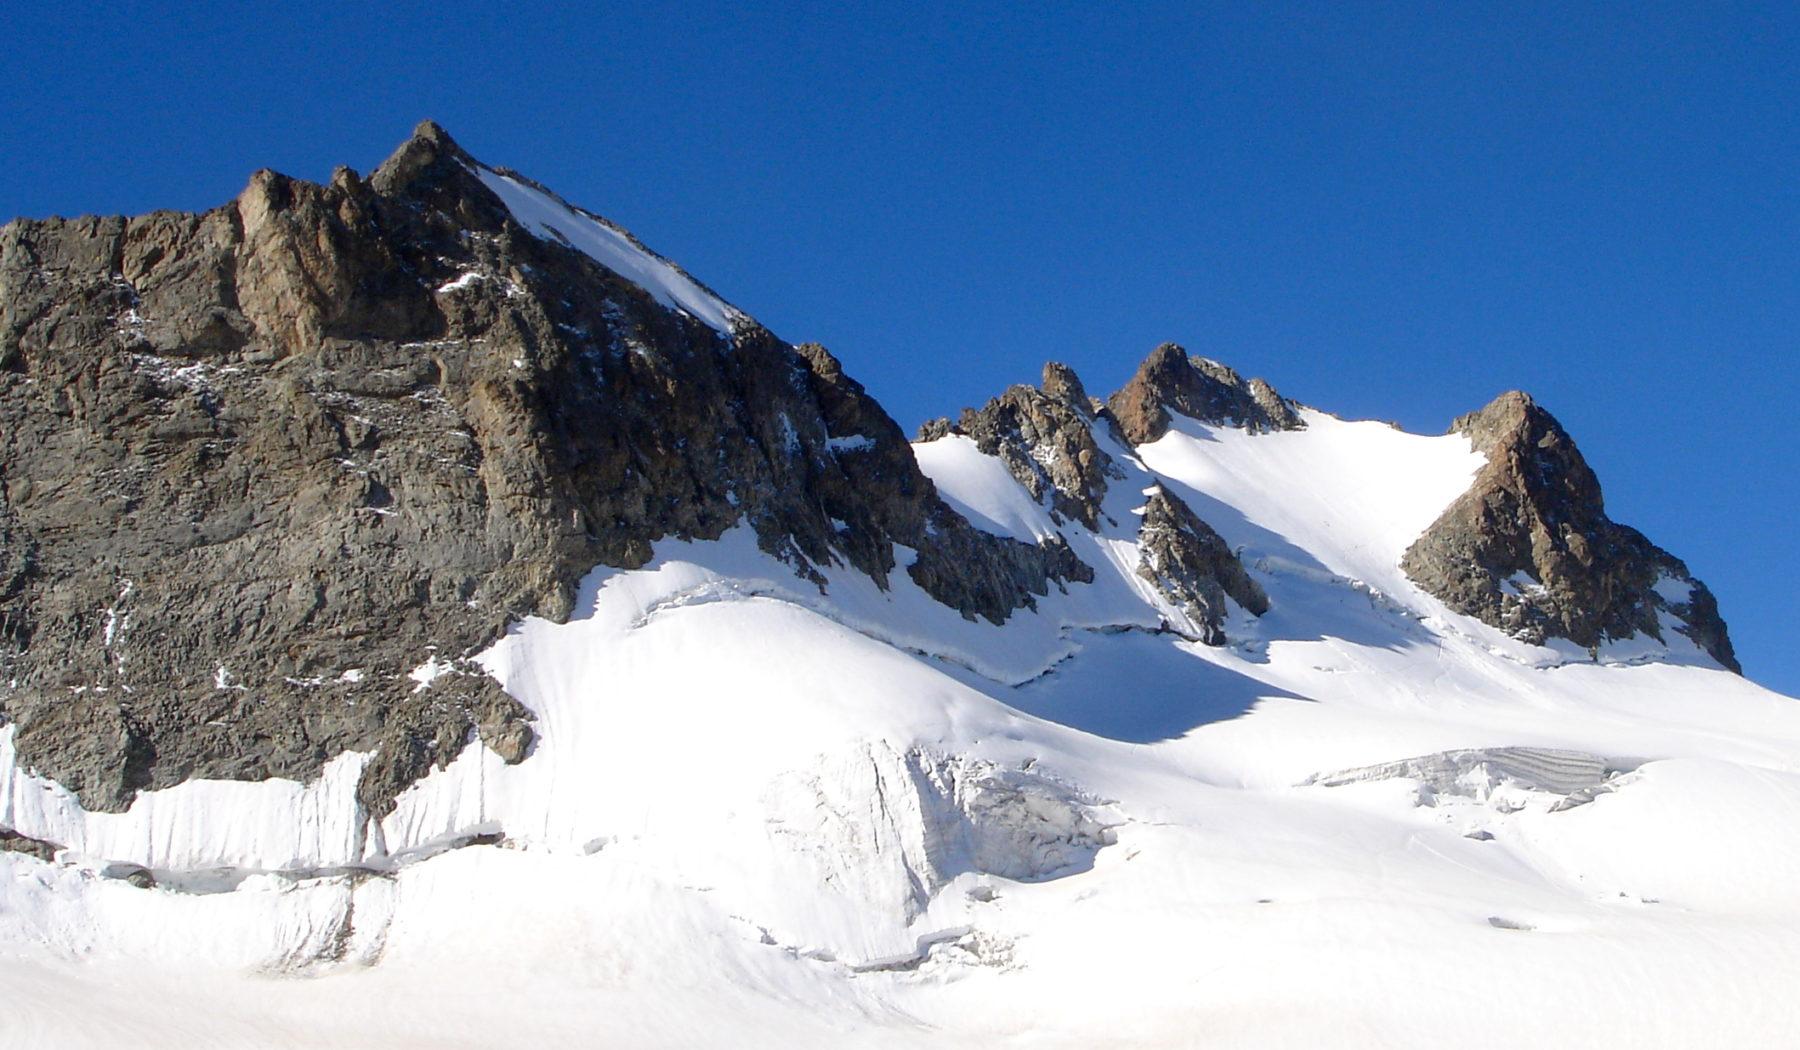 Randonnée glaciaire sur le glacier de la Girose avec les guides de haute montagne de Serre Chevalier. Massif des Ecrins, Briançonnais, Hautes Alpes.